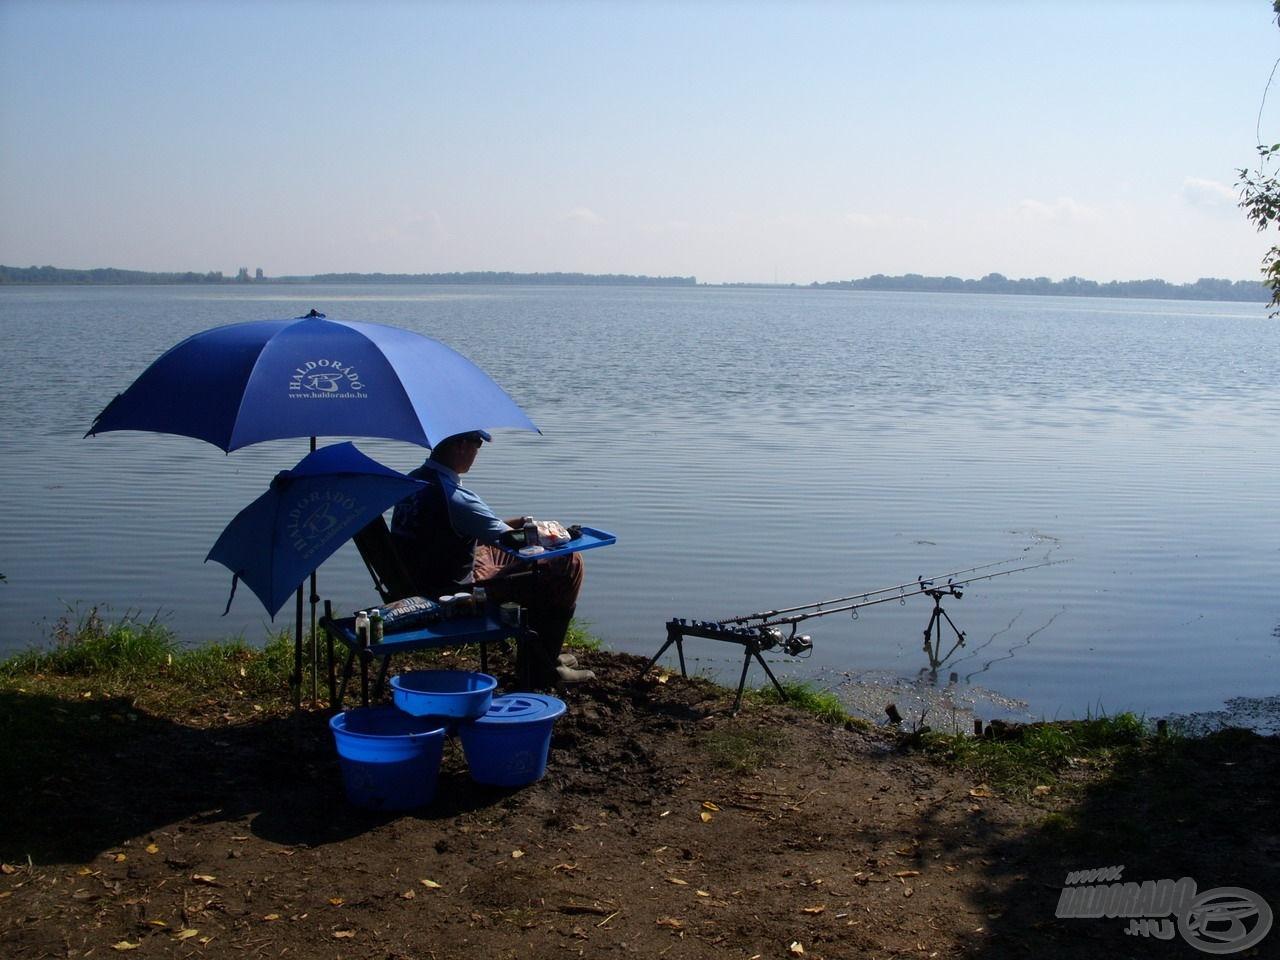 Ilyen fantasztikus környezetben akkor is élvezet a horgászat, ha épp nincs kapás!